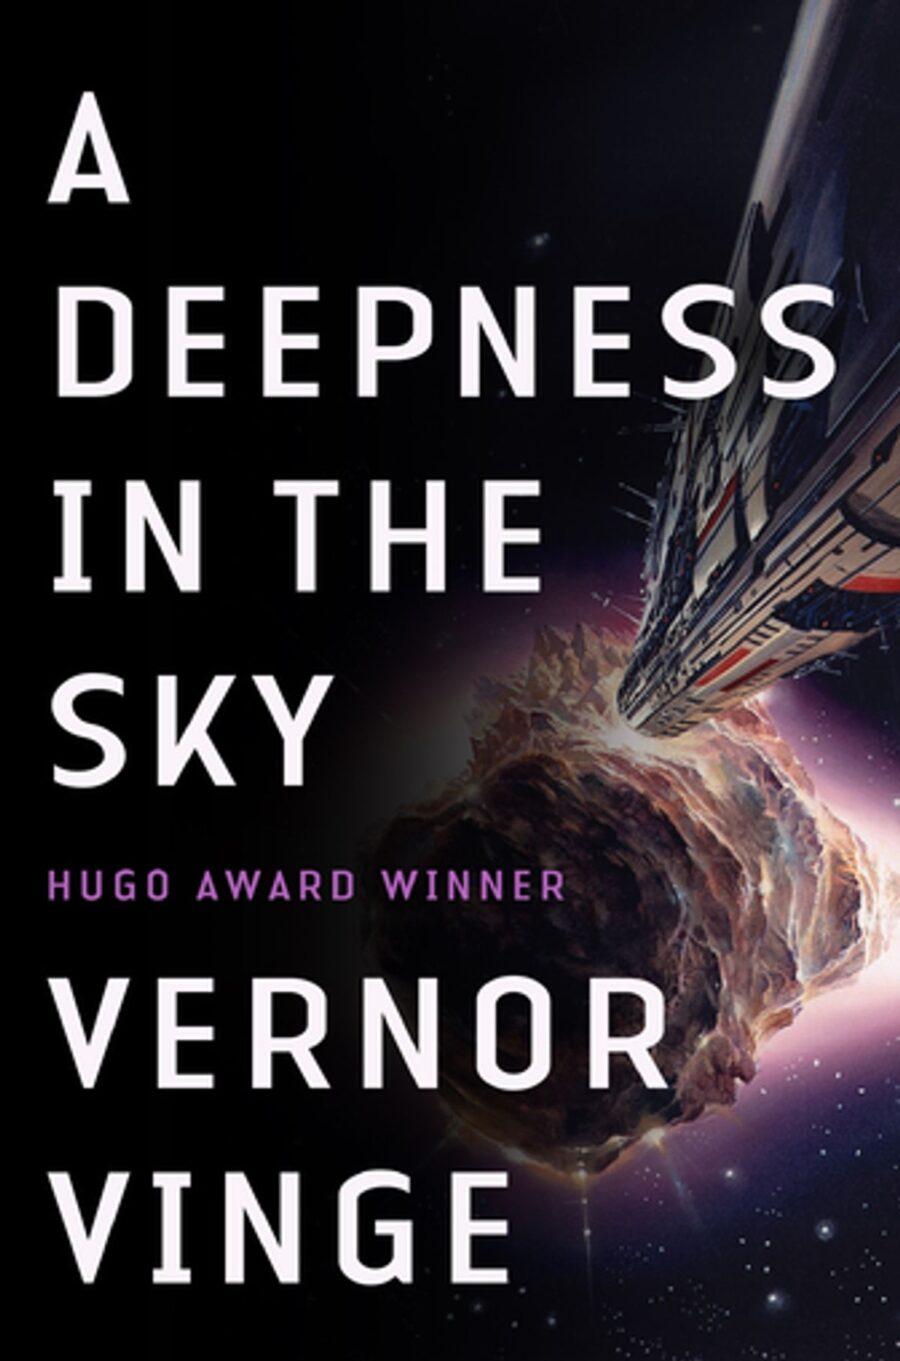 Modern sci-fi master Vernor Vinge